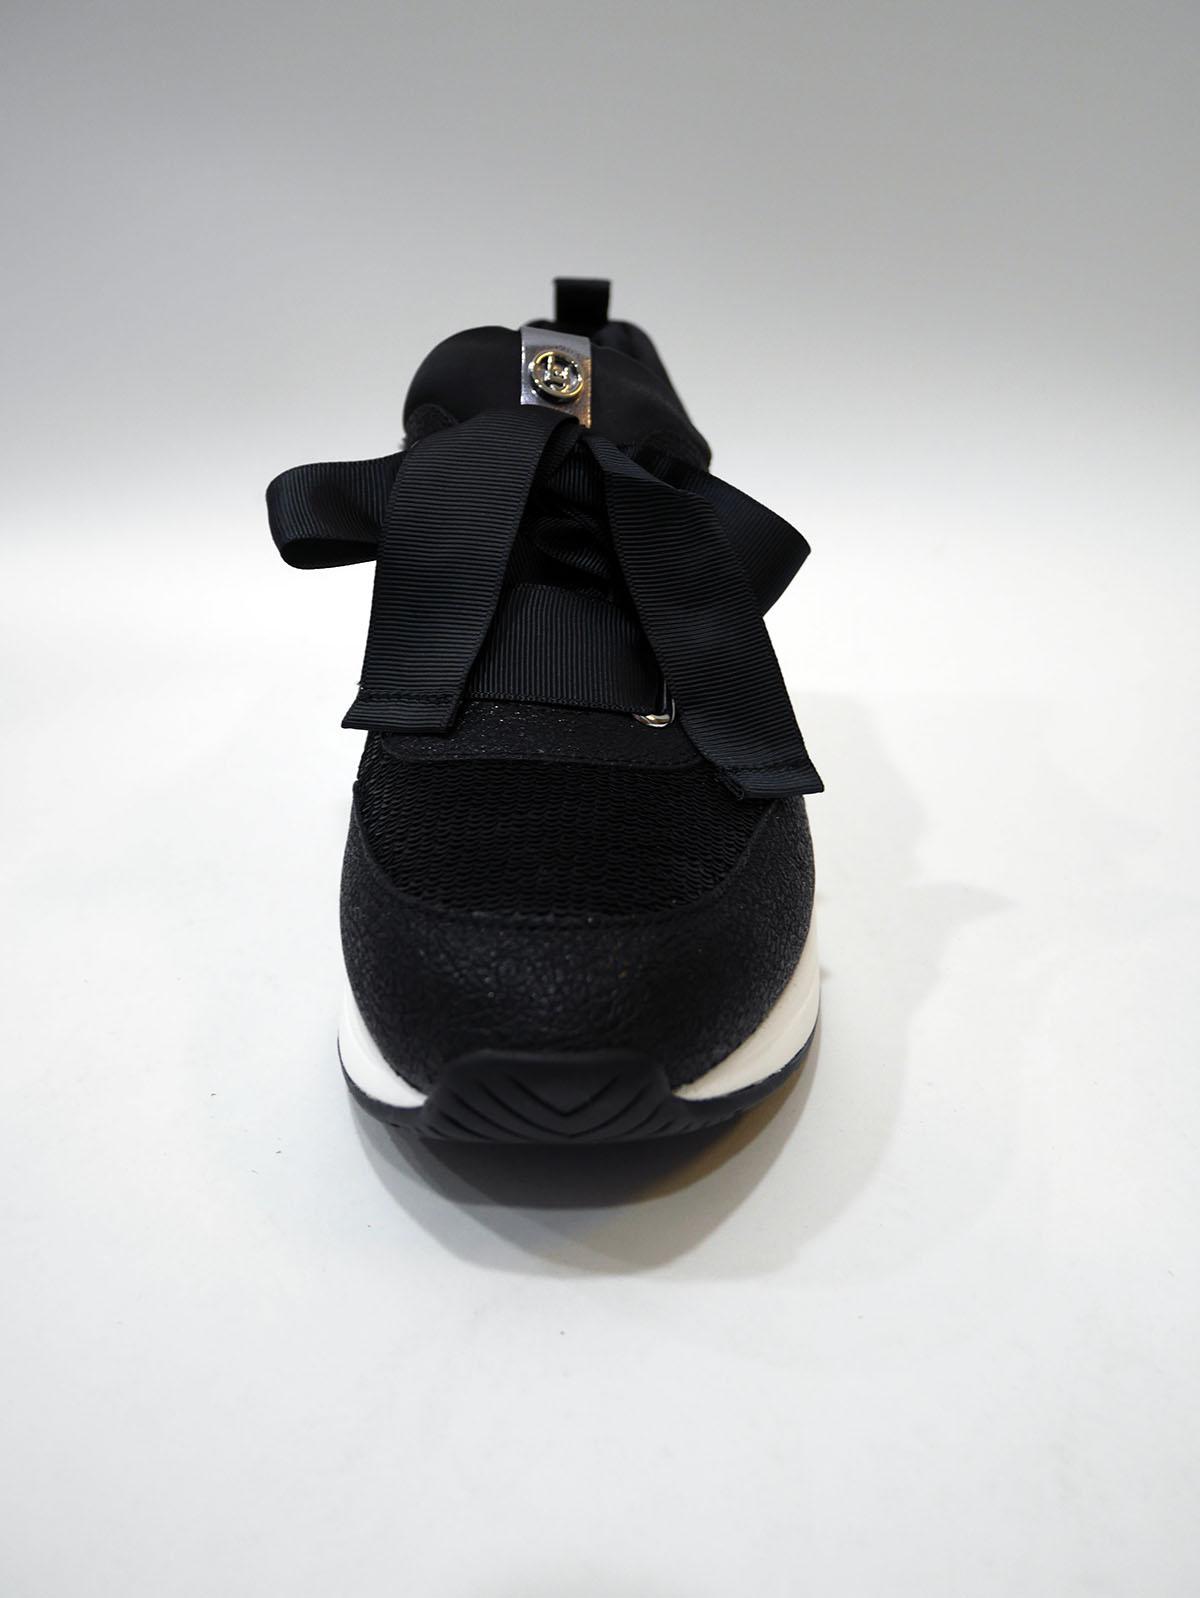 KARLIE 06 – LACE UP BLACK 2